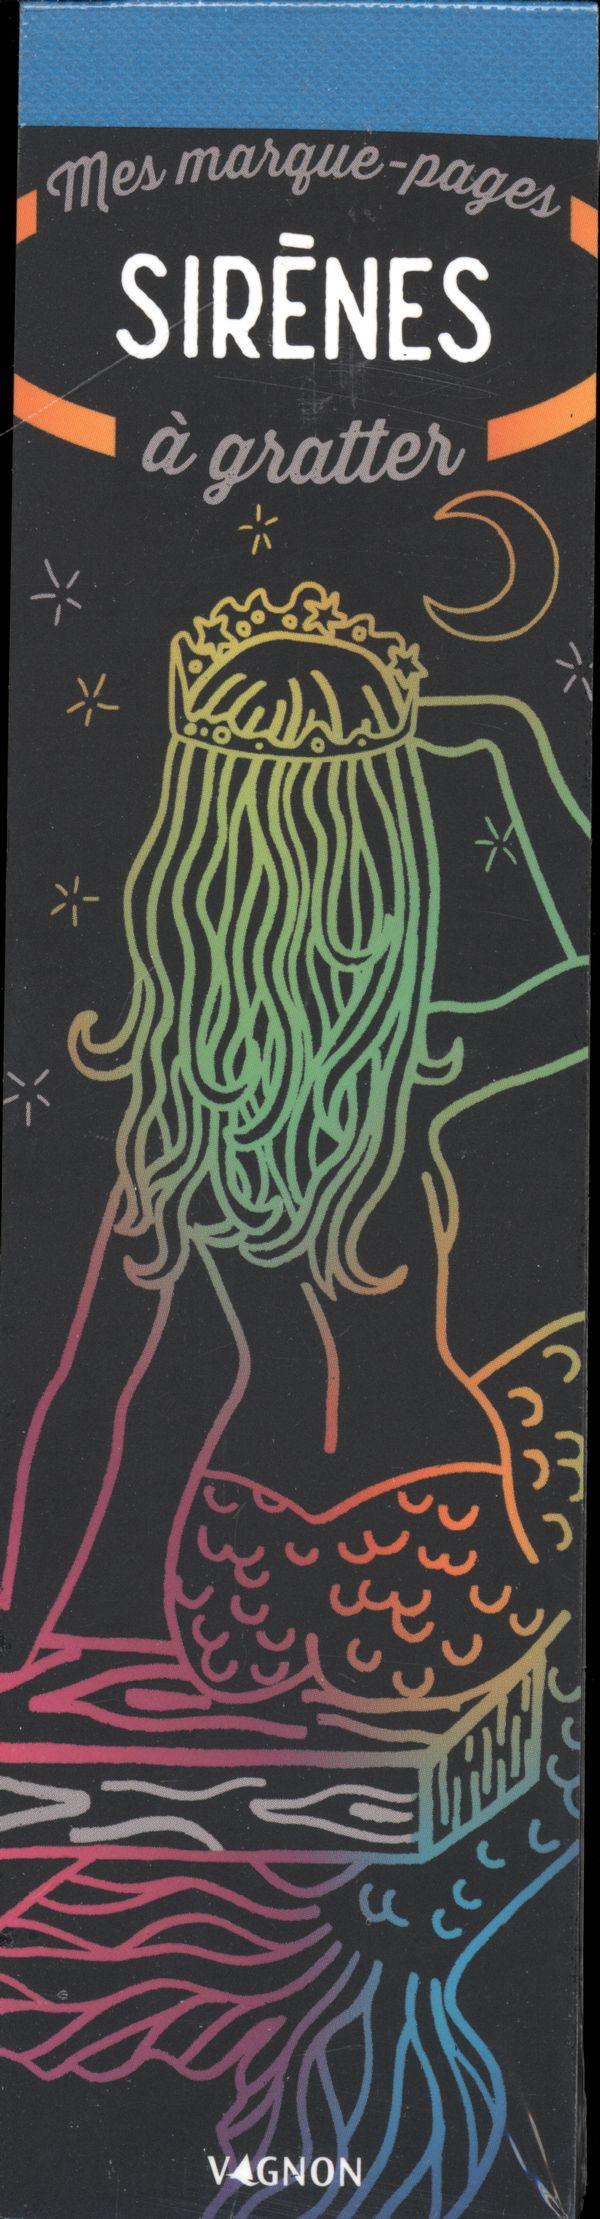 Mes marque-pages à gratter - Sirènes